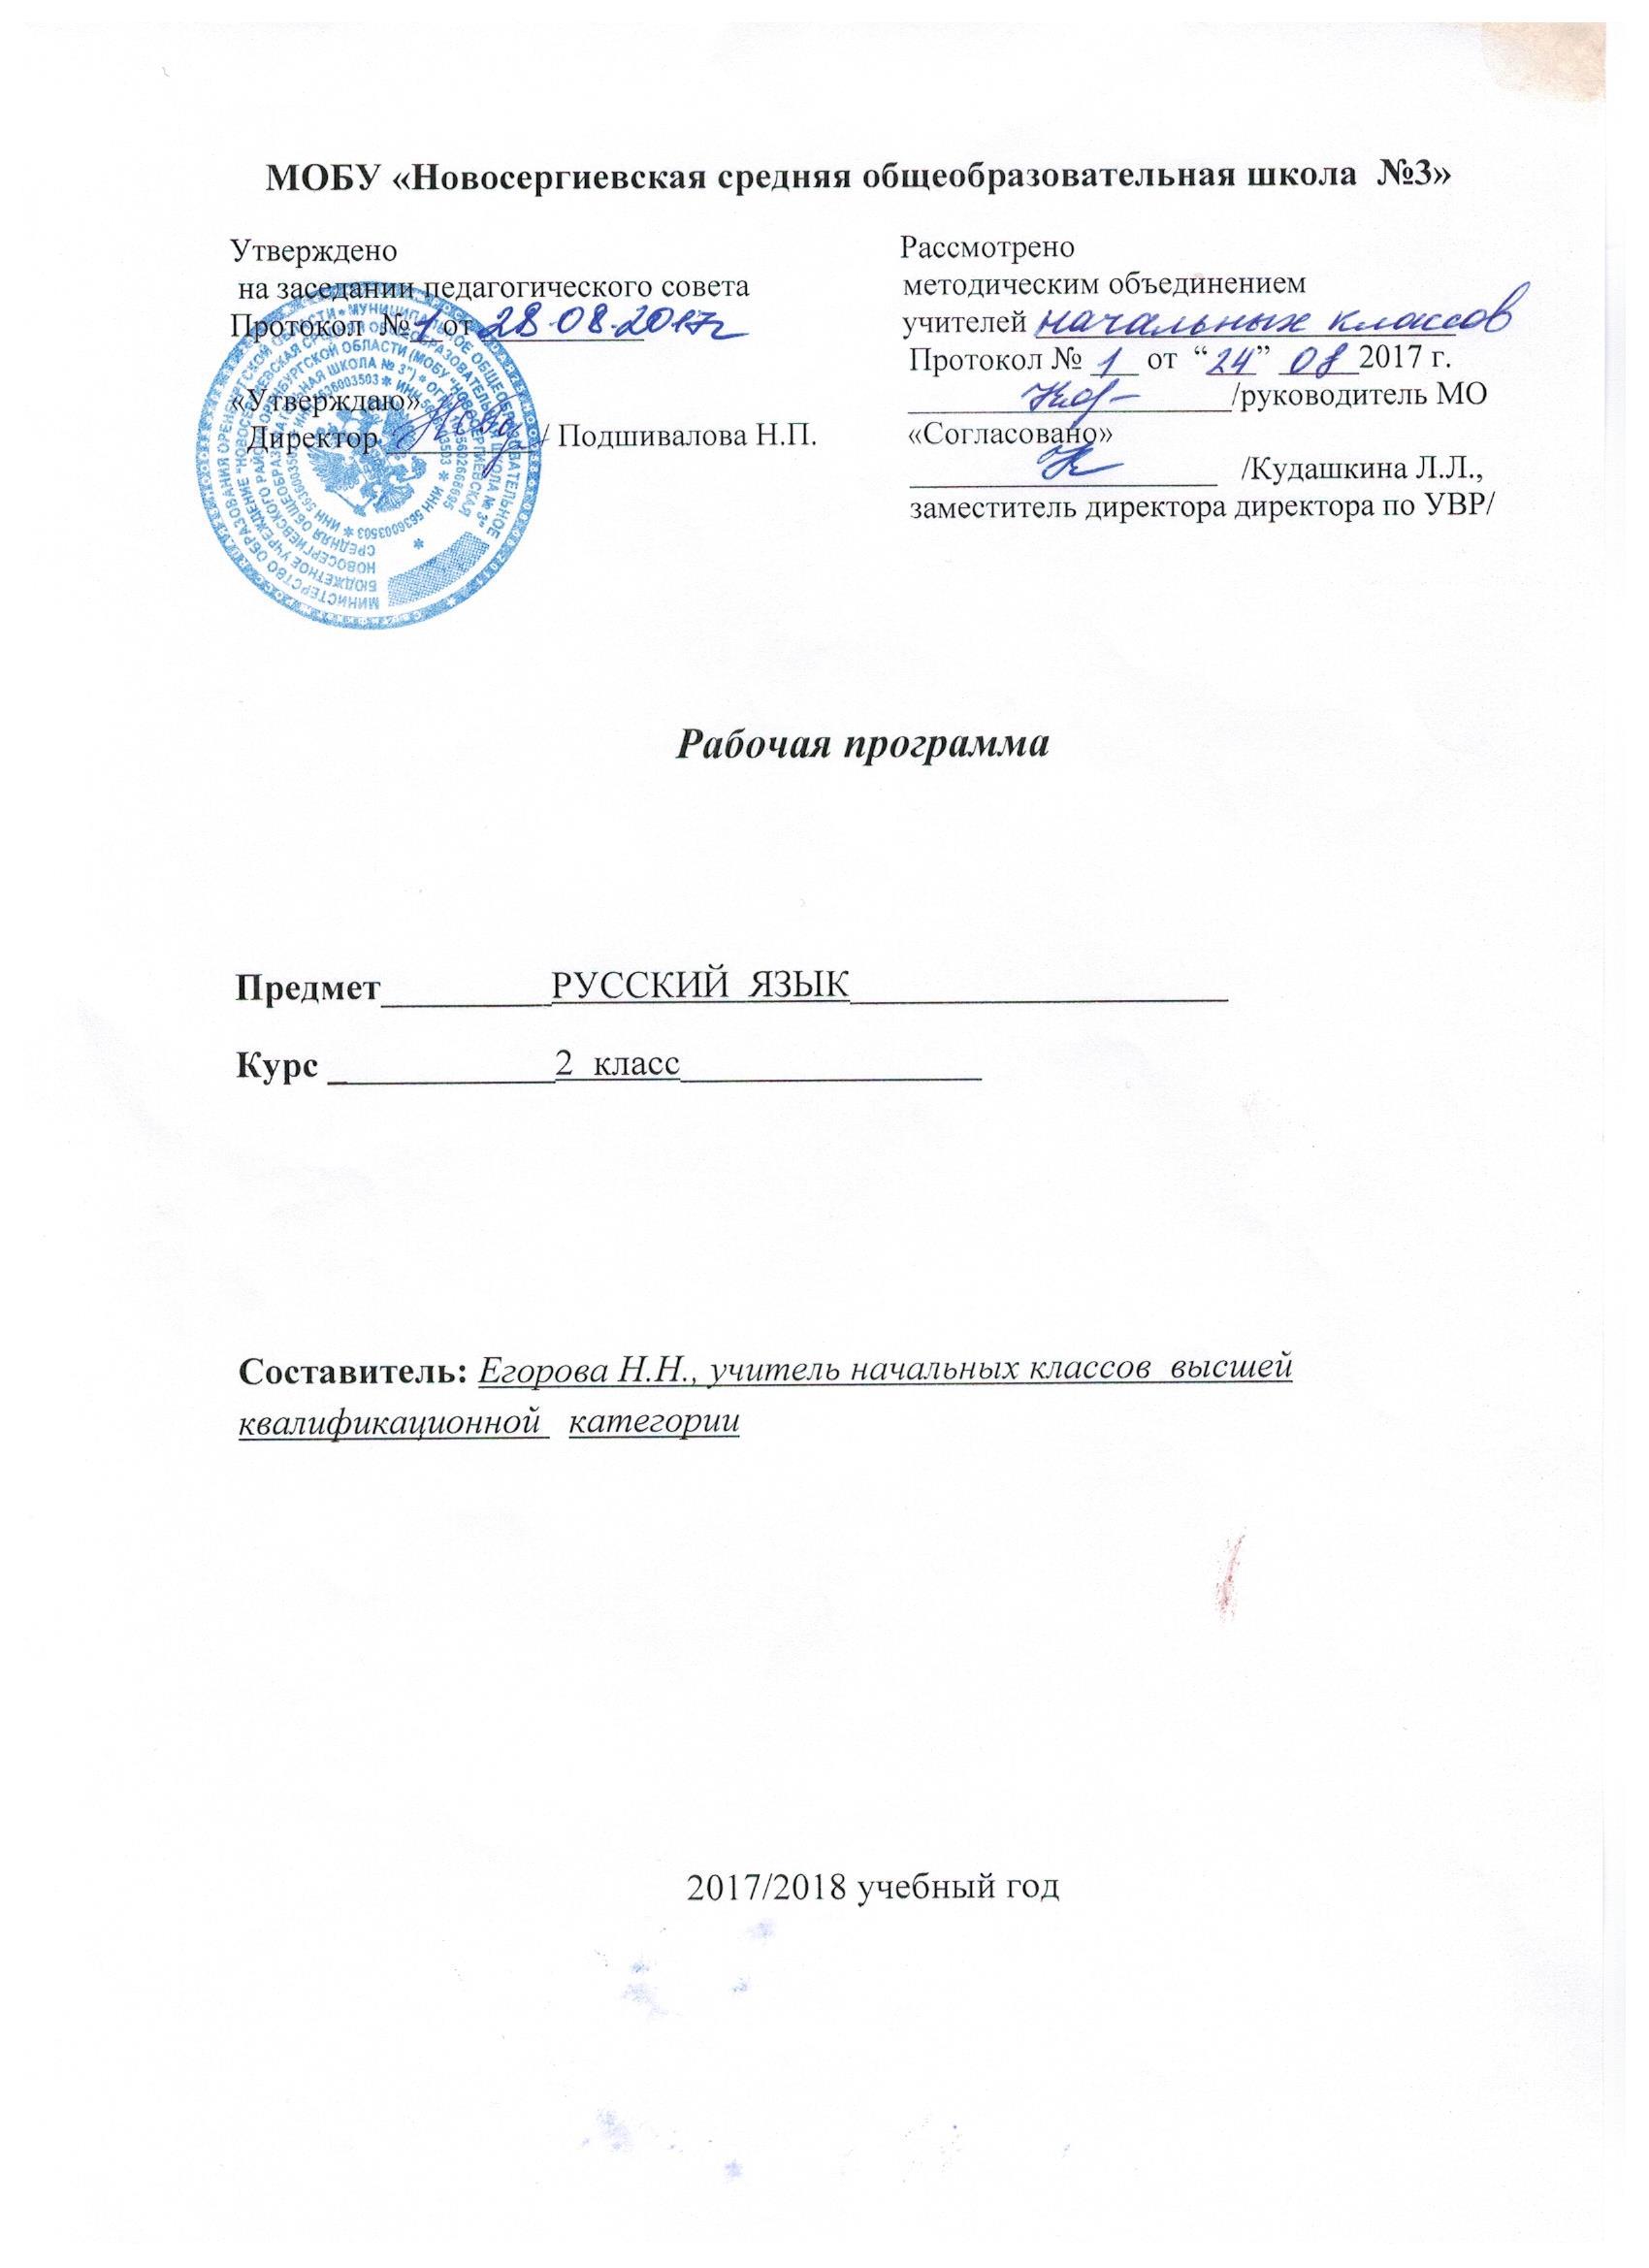 Рабочие программы 4 класс школа россии по технологии конышева